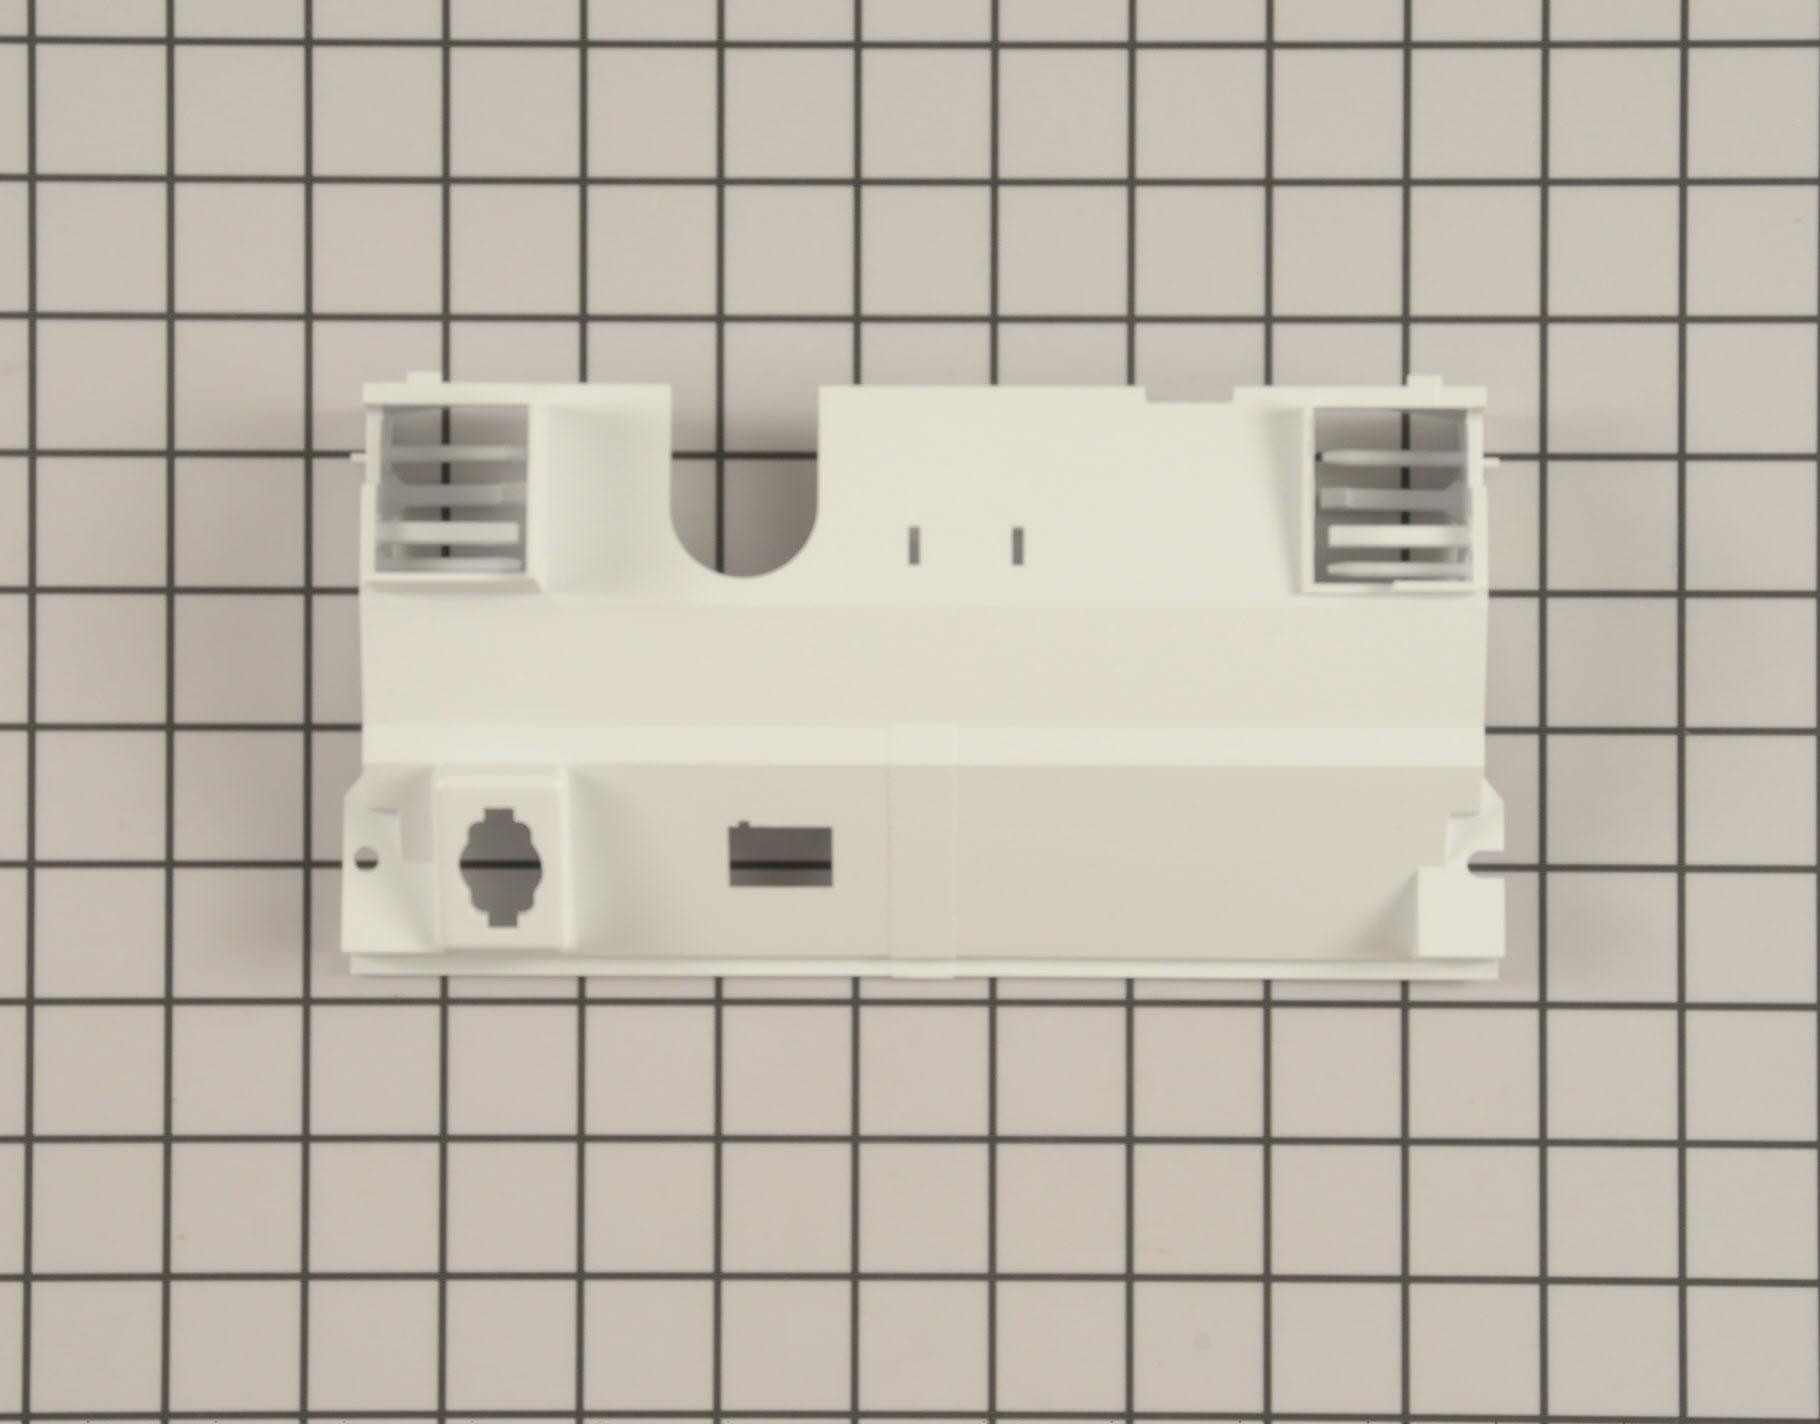 Inglis Refrigerator Part # WP2180226 - Bracket